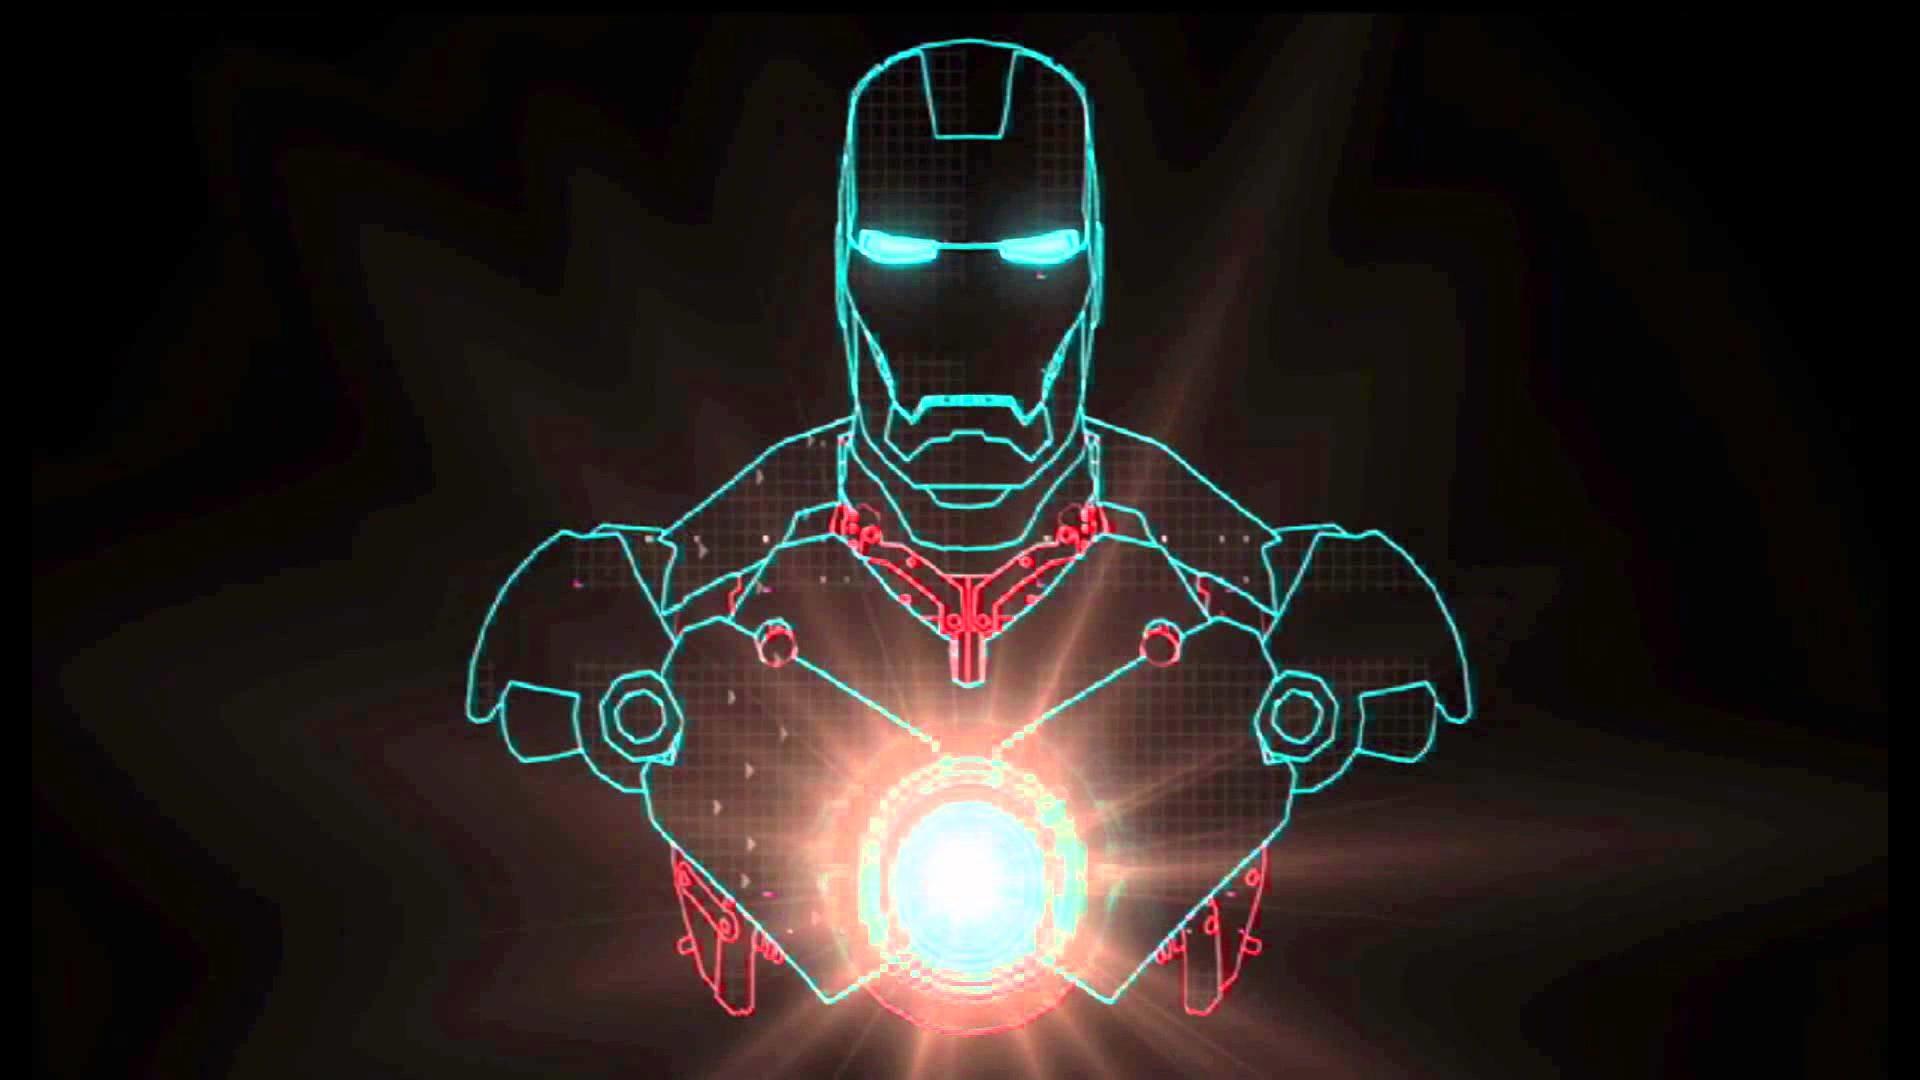 Ironman Arc Dreamscene 1080p HD